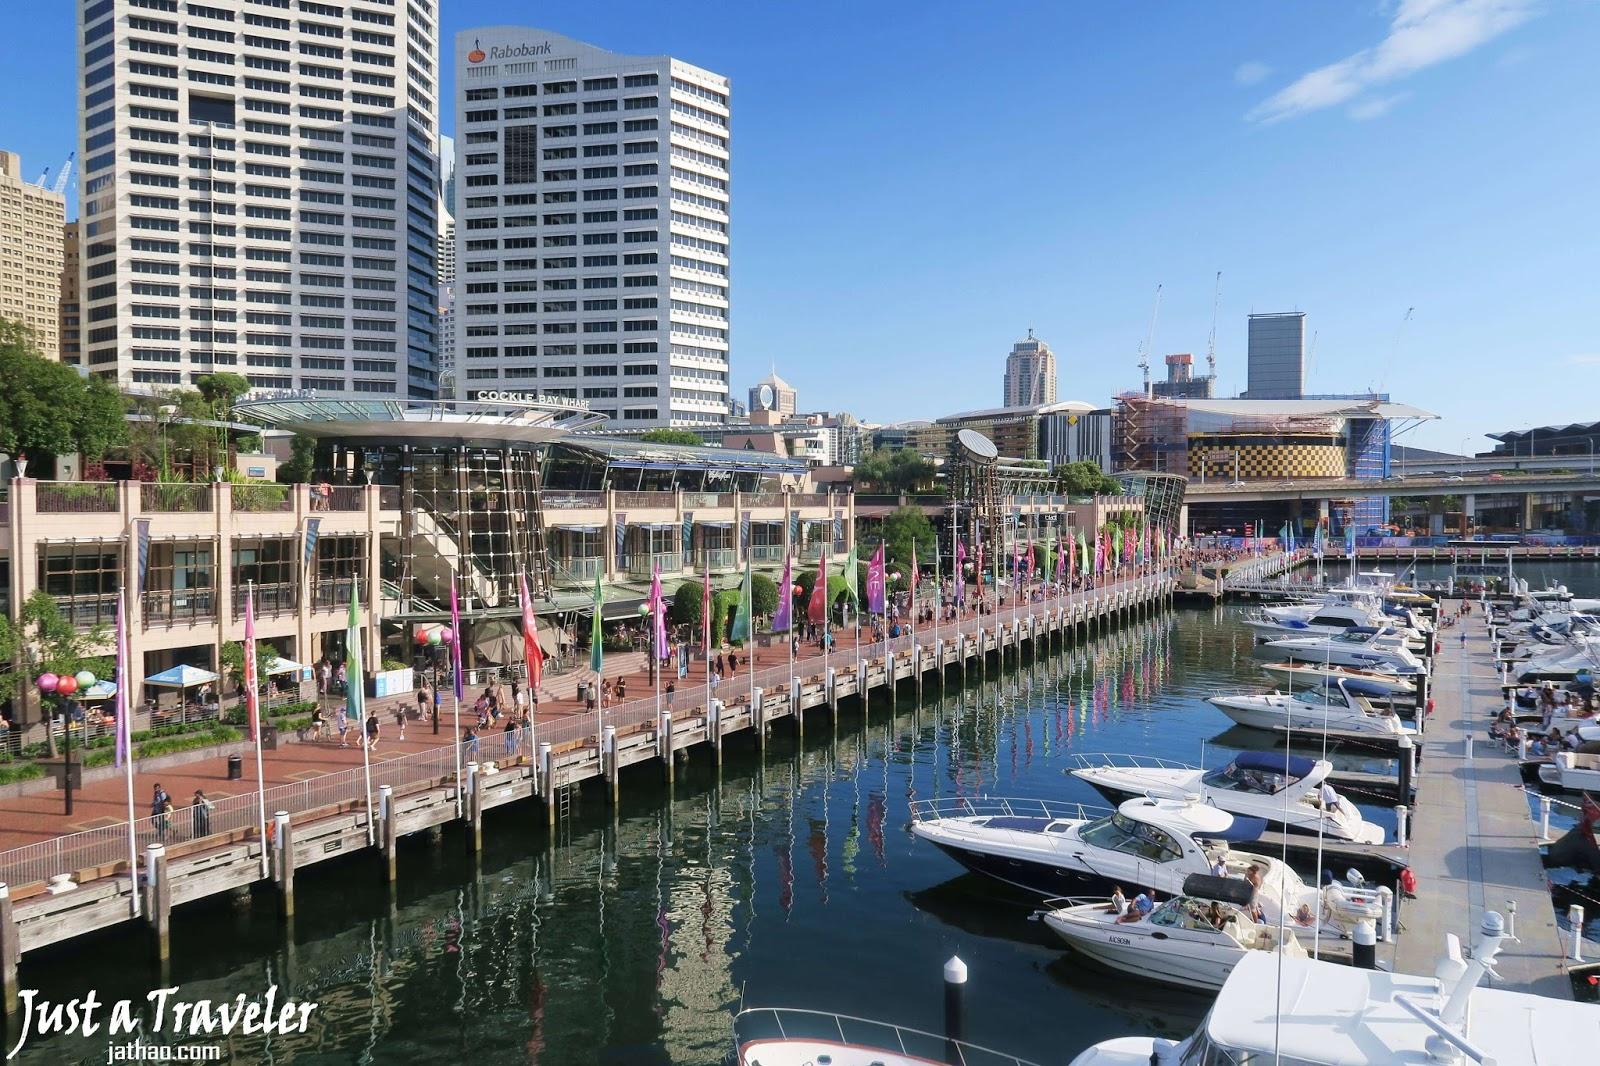 雪梨-雪梨景點-市區-推薦-雪梨必玩景點-雪梨必遊景點-達令港-情人港-雪梨旅遊景點-雪梨自由行景點-悉尼景點-澳洲-Sydney-Tourist-Attraction-Darling-Harbour-Travel-Australia